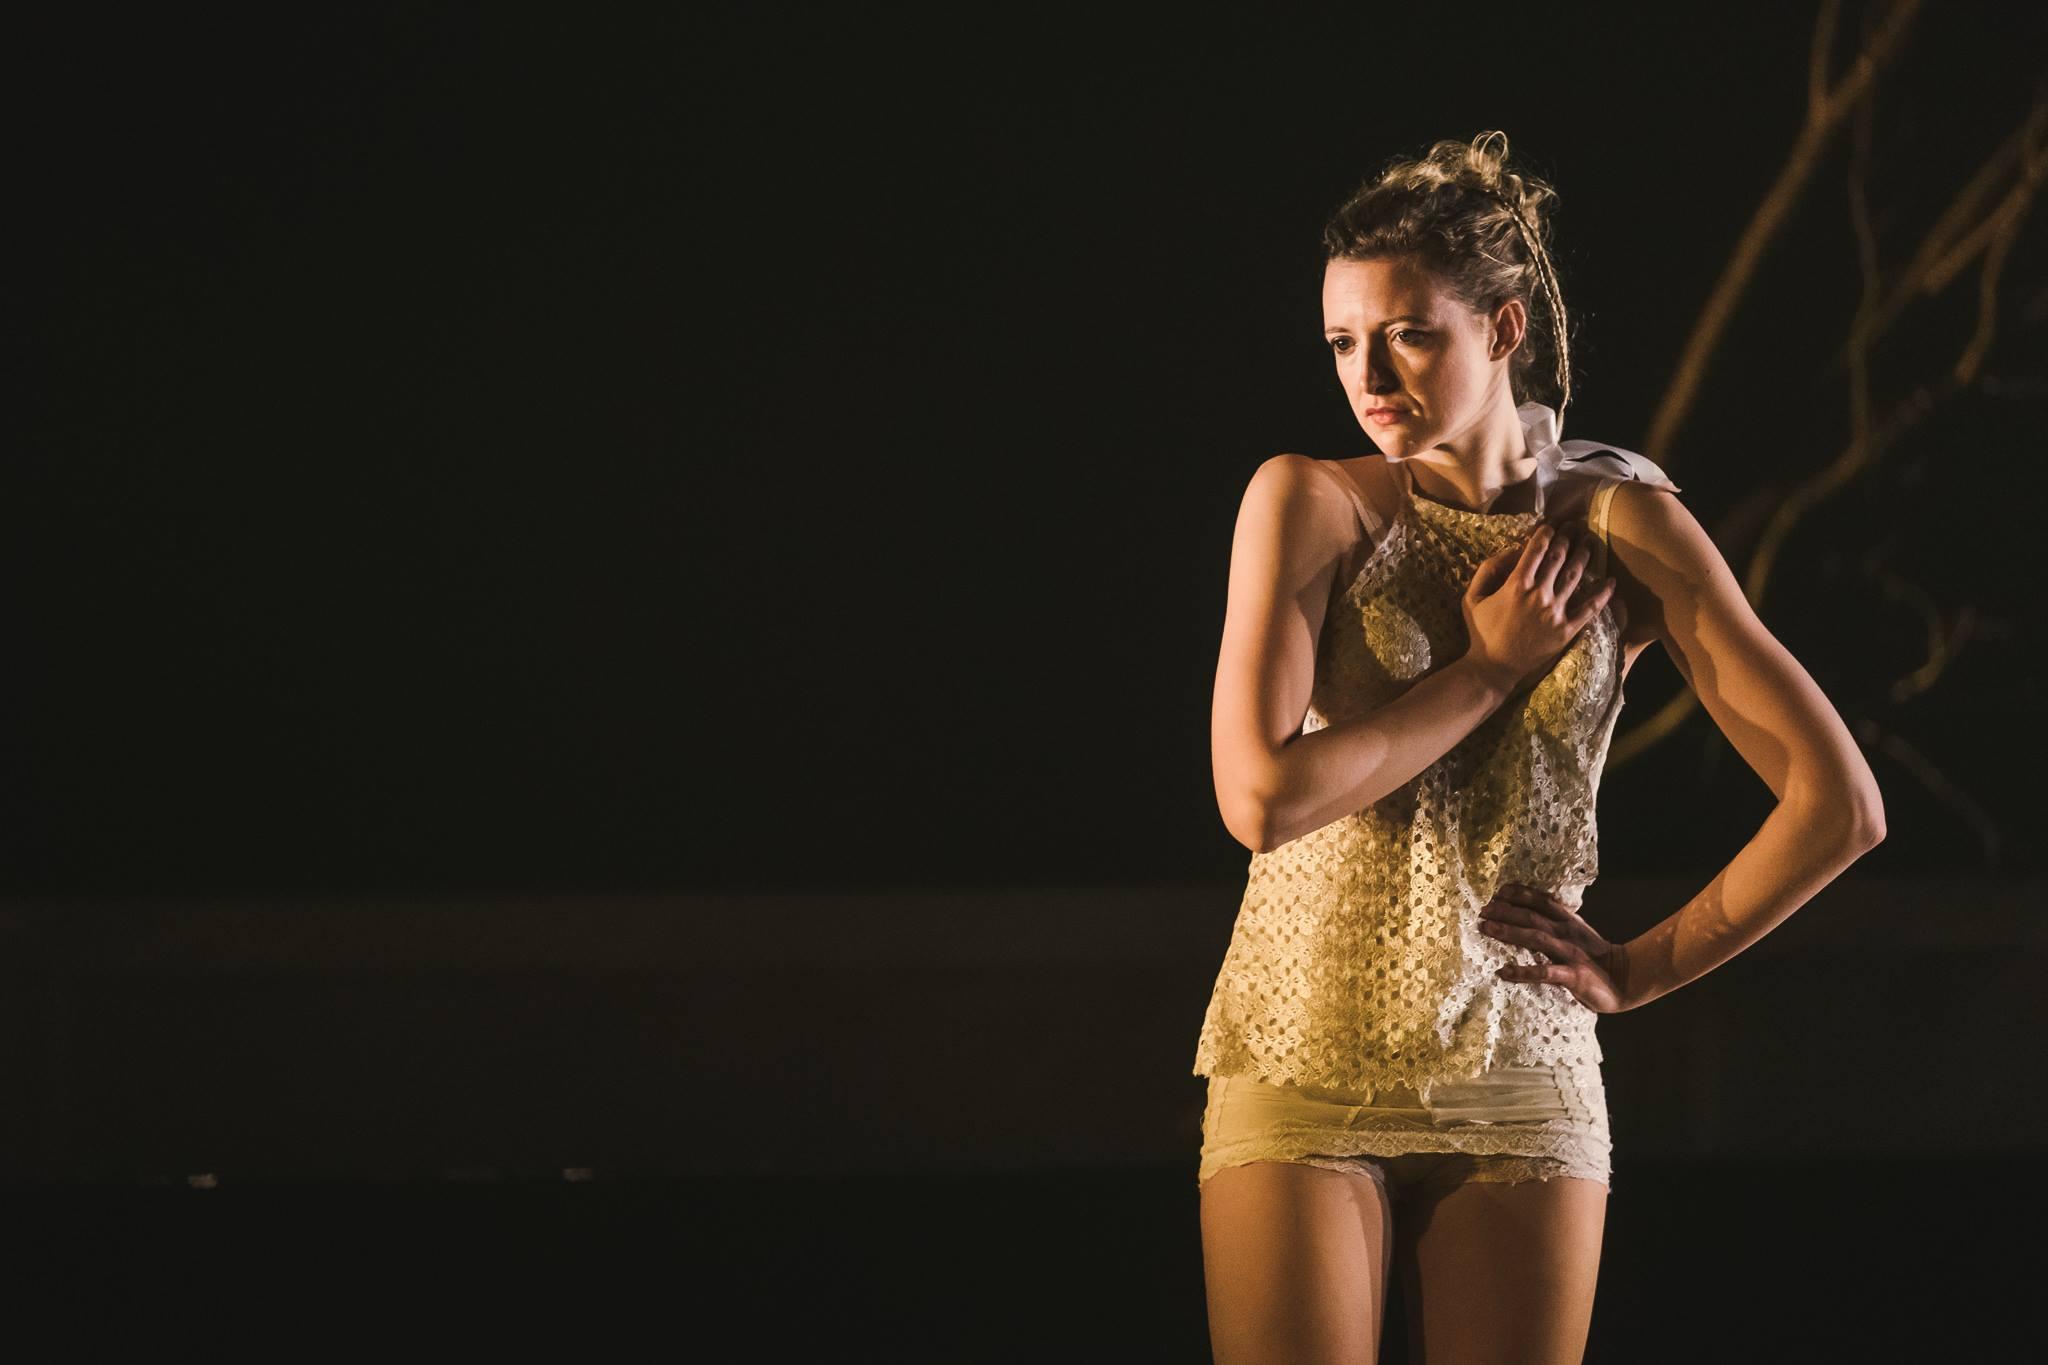 Mary-Lee Picknell Le songe d'une nuit d'été Shakespeare théâtre cirque